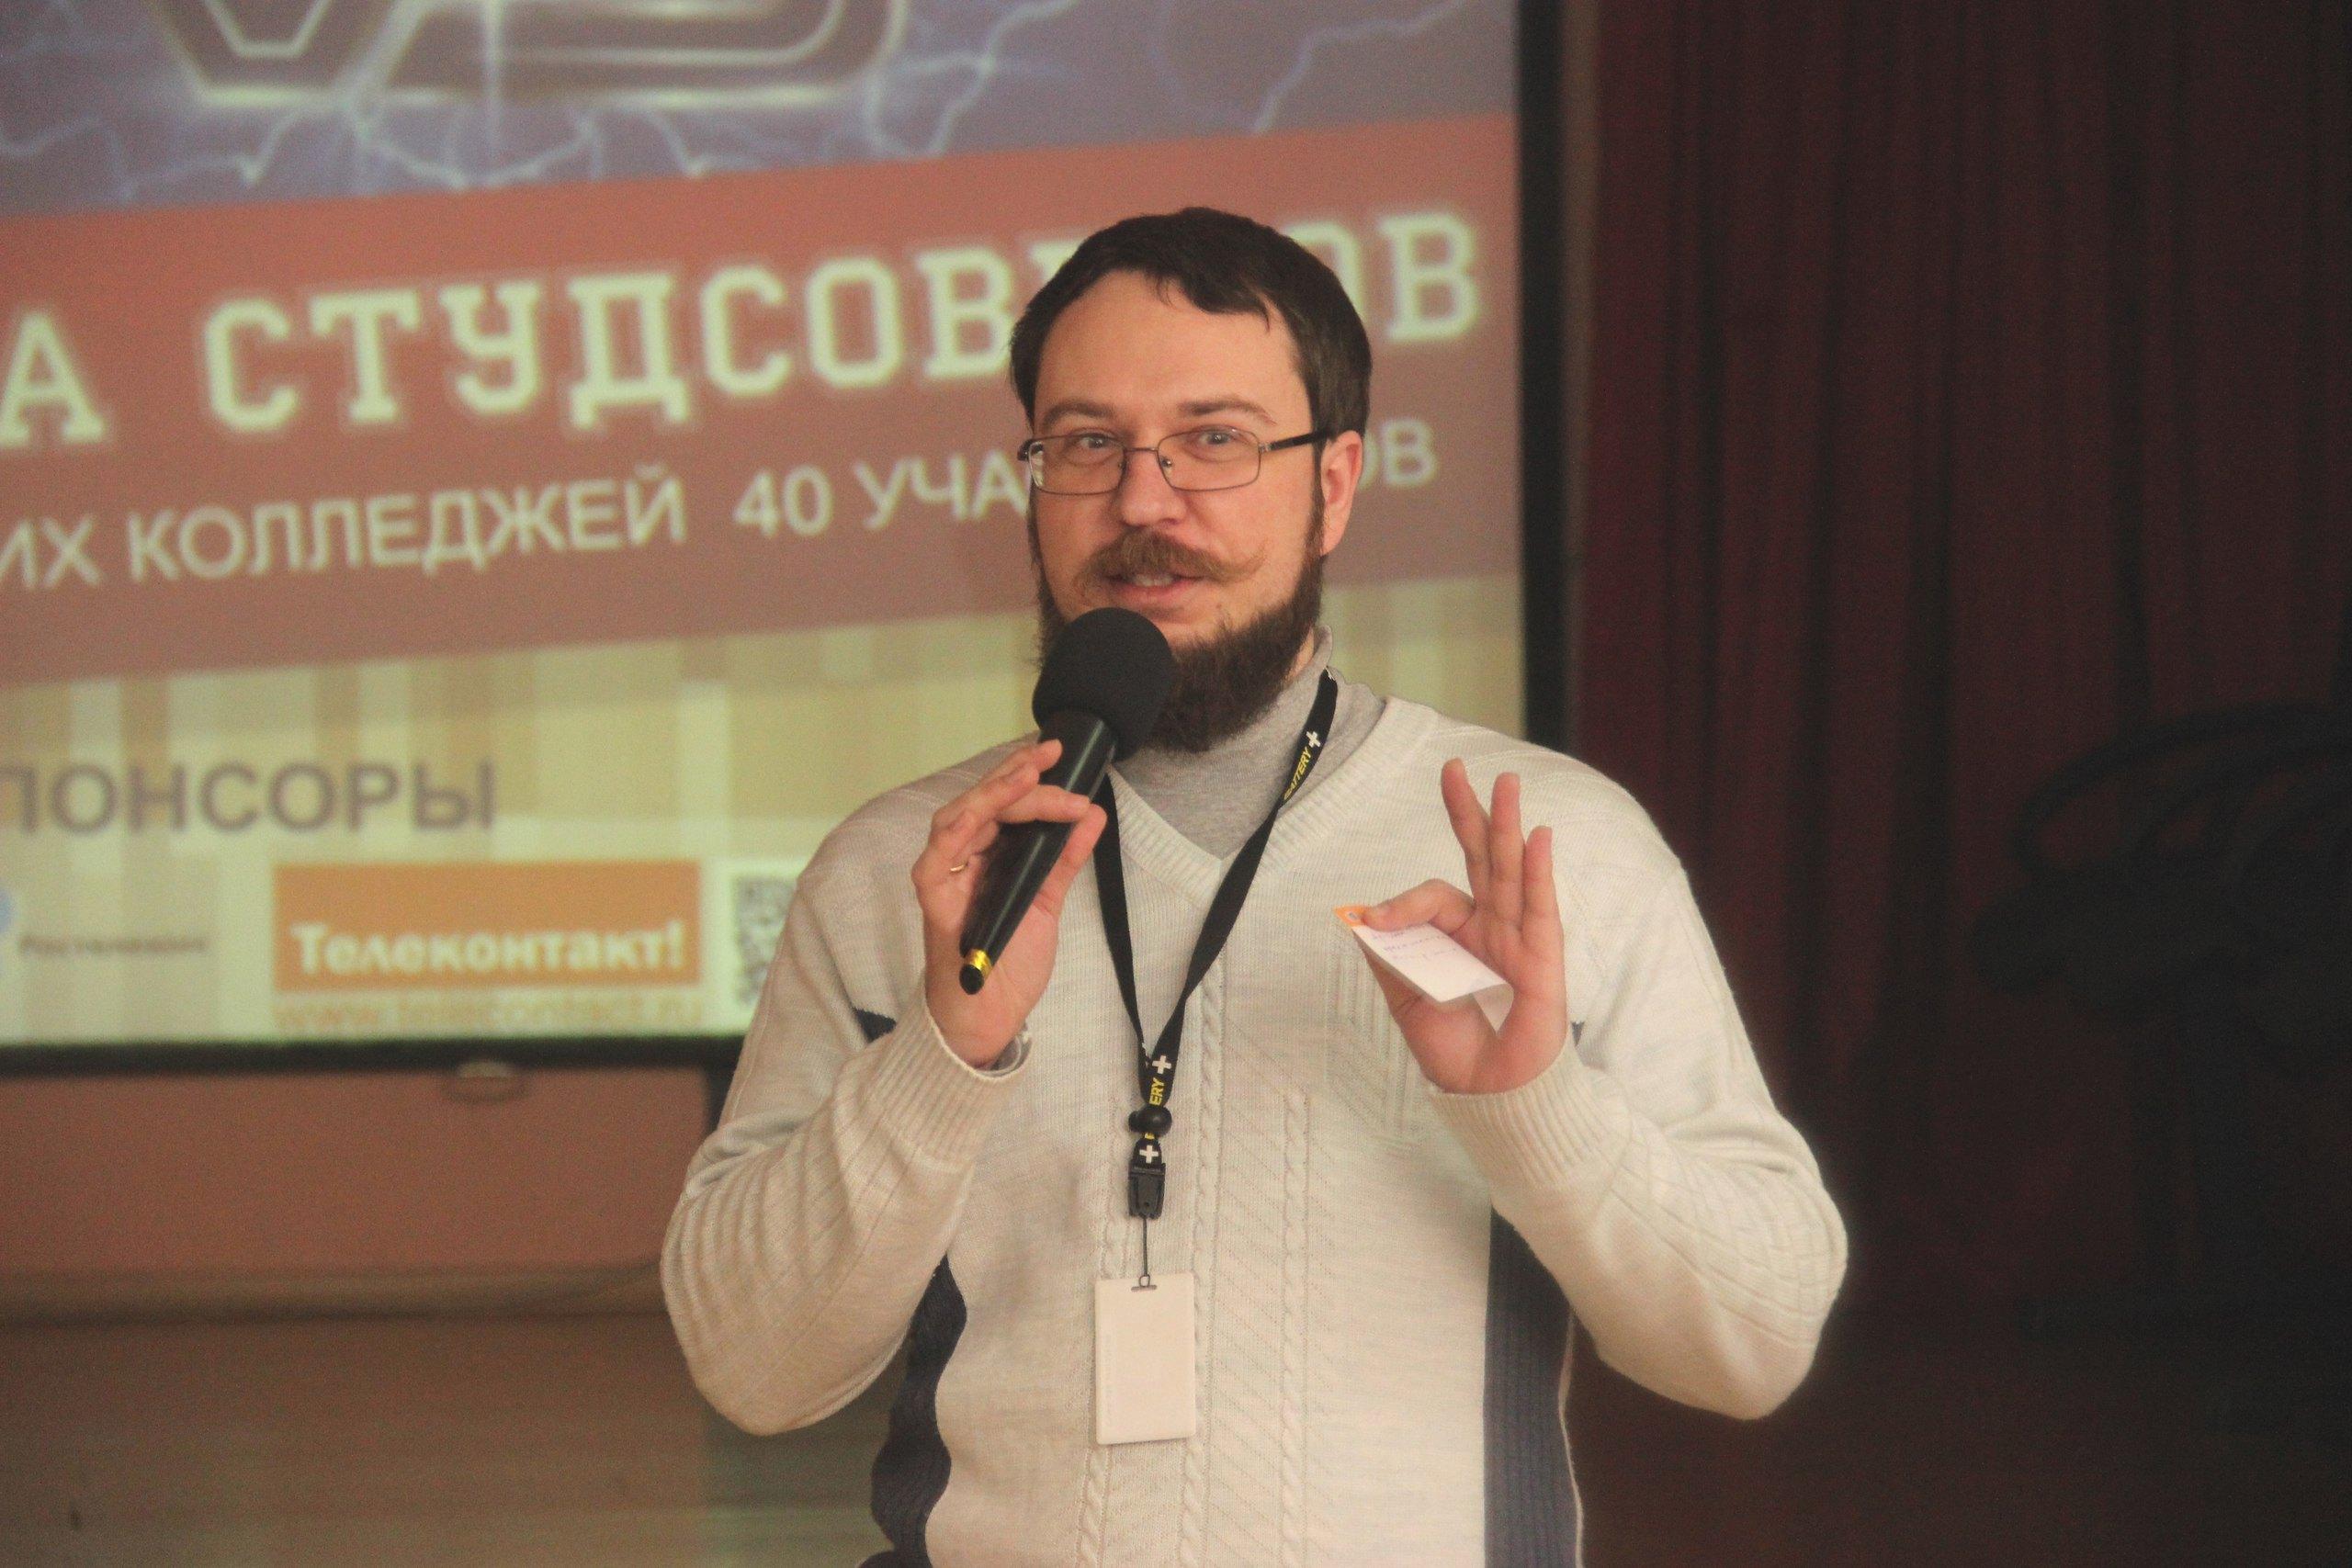 Юрий Зайцев: Стоит подумать о возвращении системы распределения выпускников педагогических специальностей